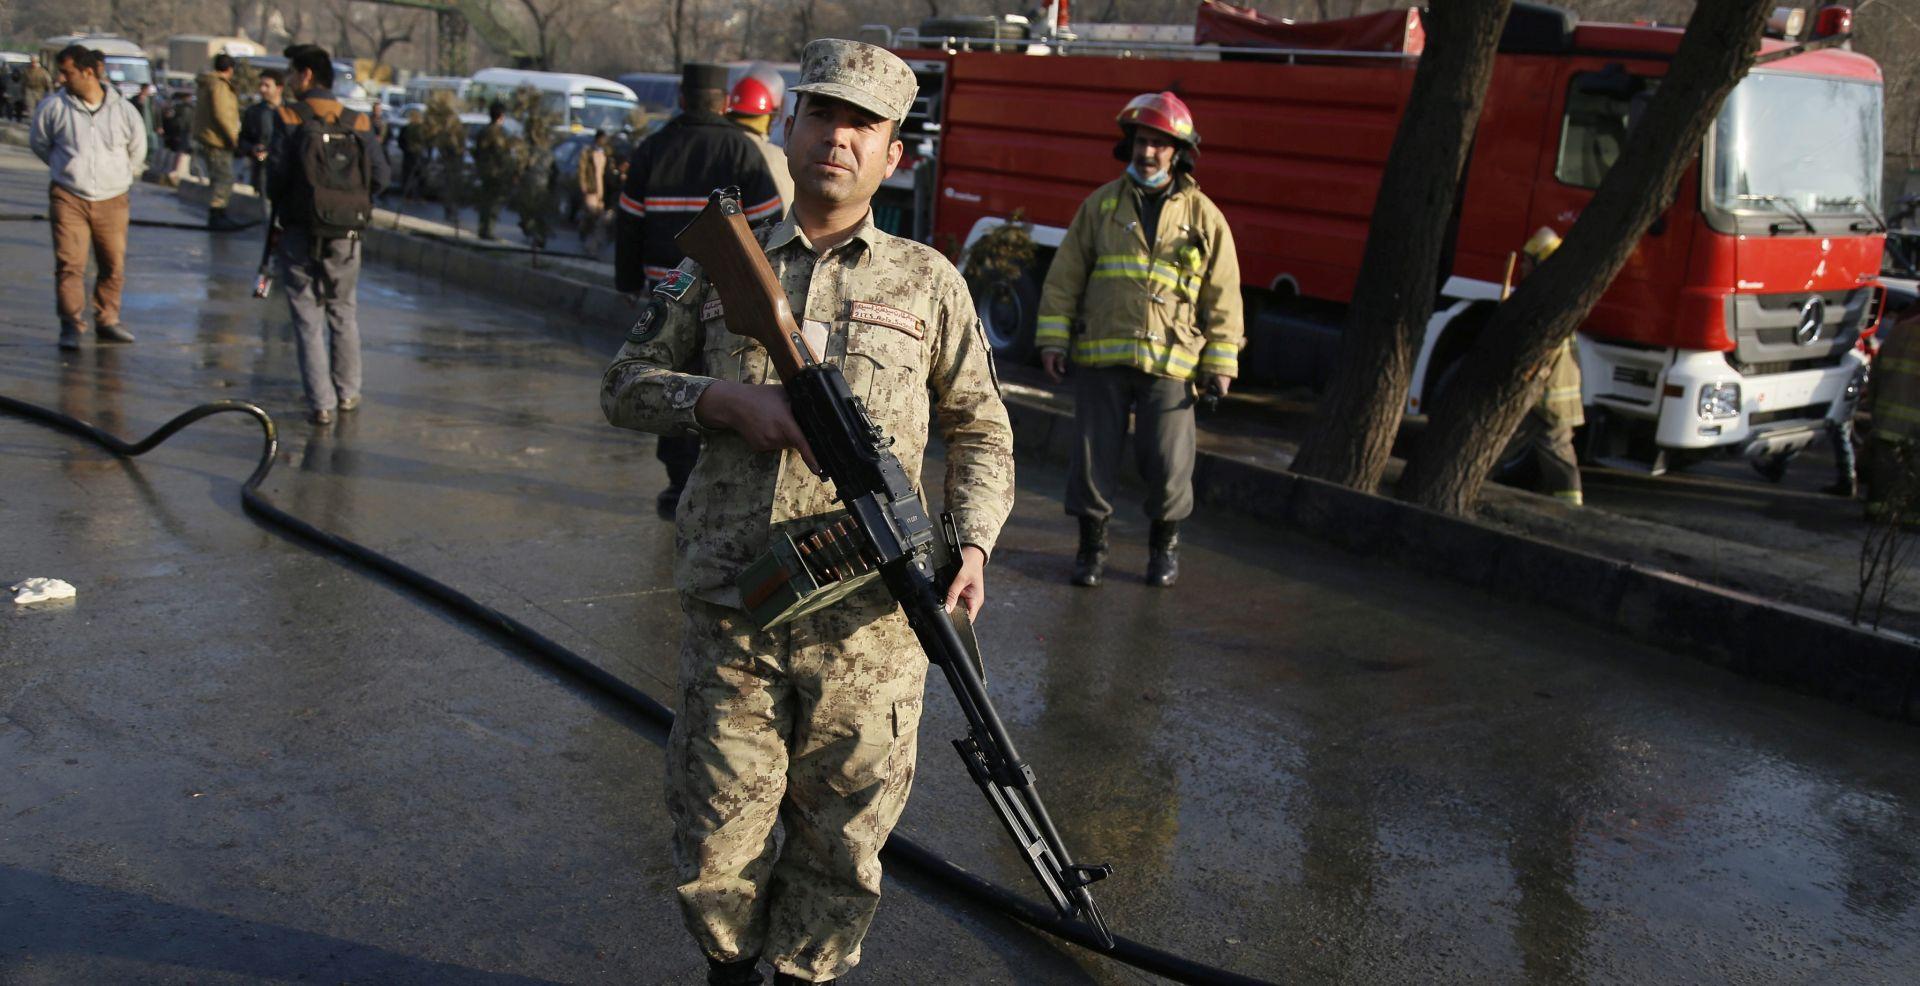 NOVI NAPAD BOMBAŠA SAMOUBOJICE Najmanje devet poginulih u Kabulu